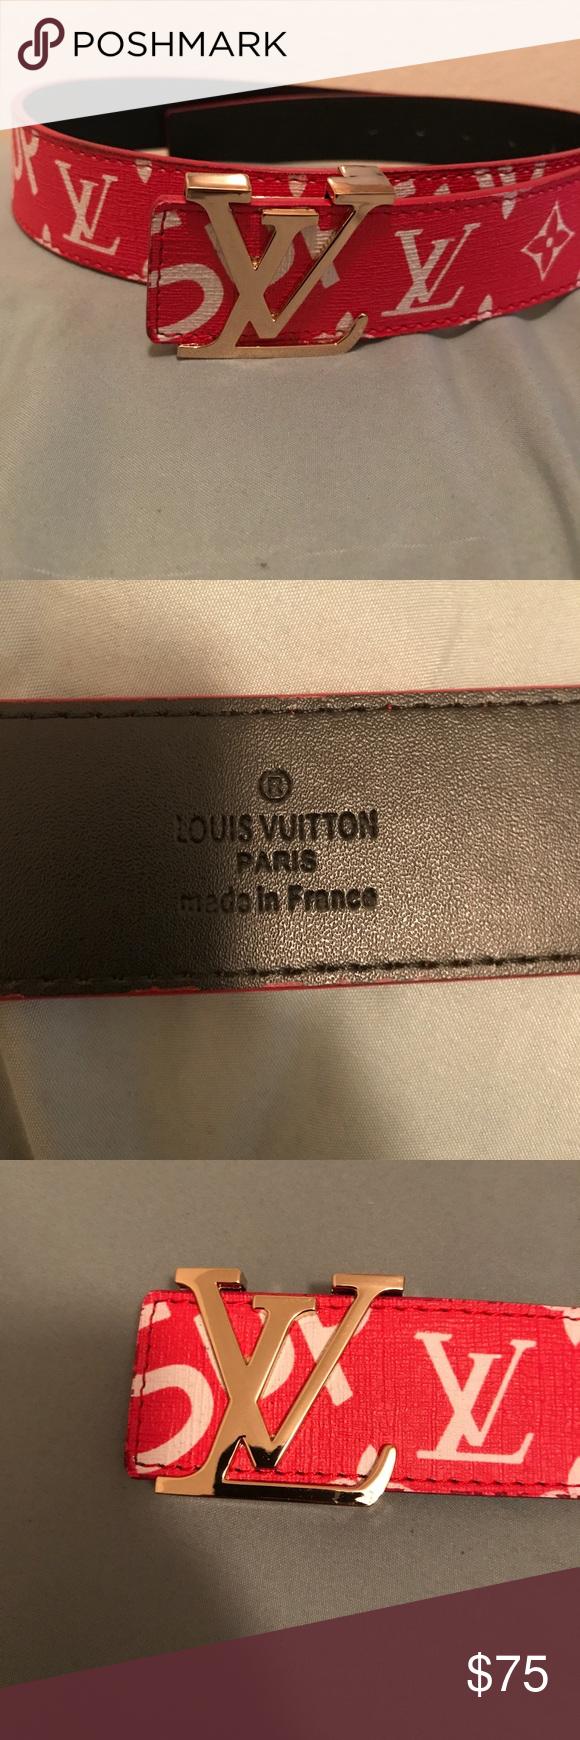 Supreme Louis Vuitton Belt 32 34 Accessories Belts